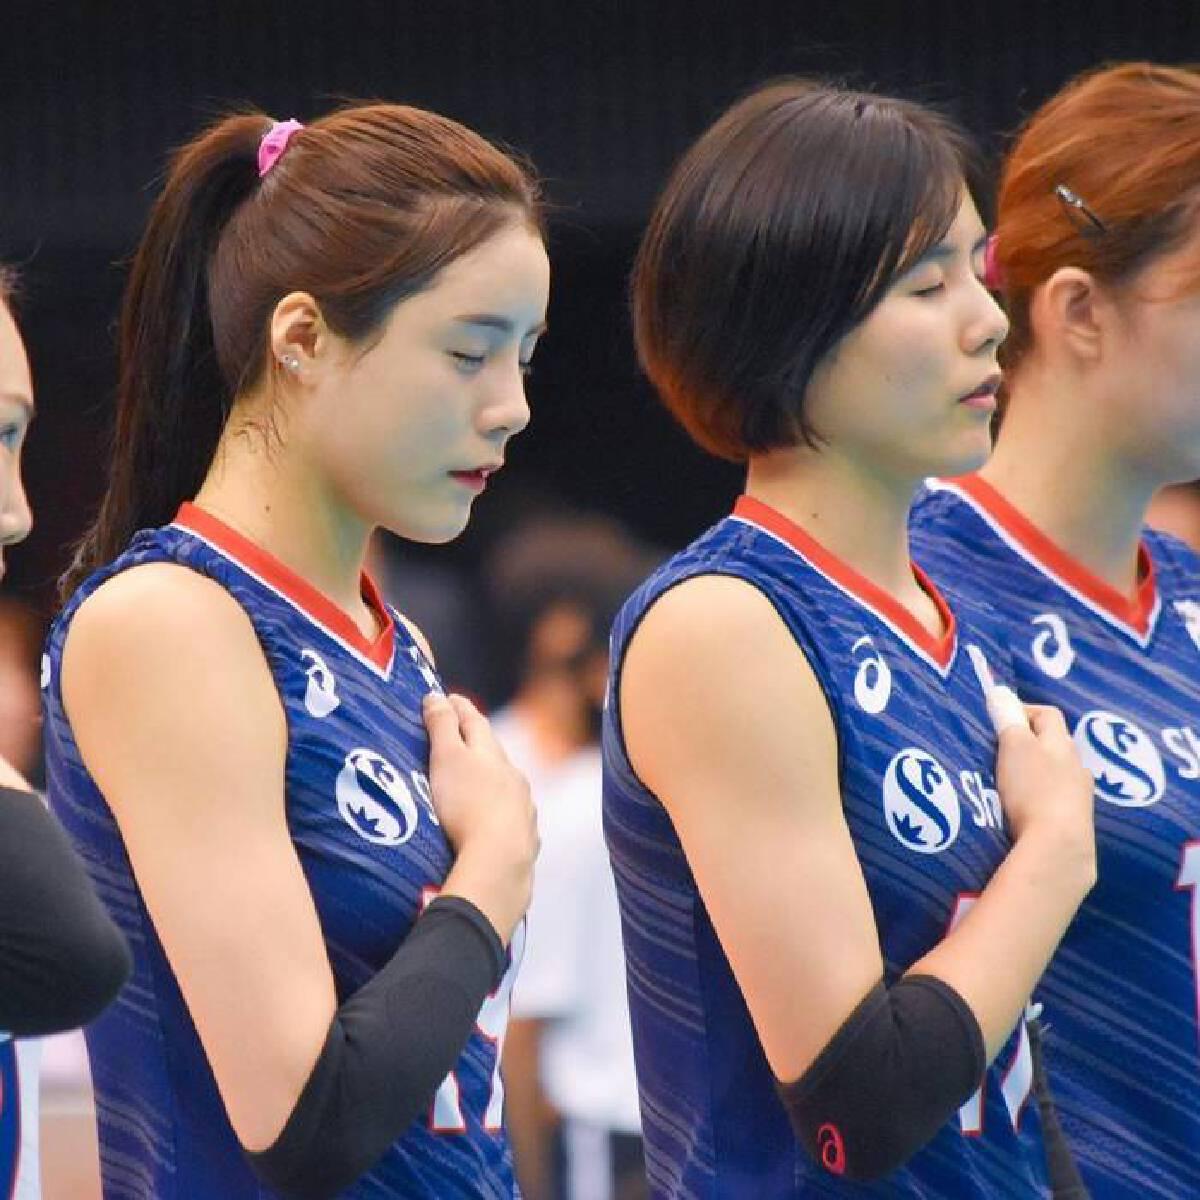 นักวอลเลย์แฝด อีดายอง - อีแจยอง โดนแบน ถูกปลดออกจากทีมชาติเกาหลีใต้